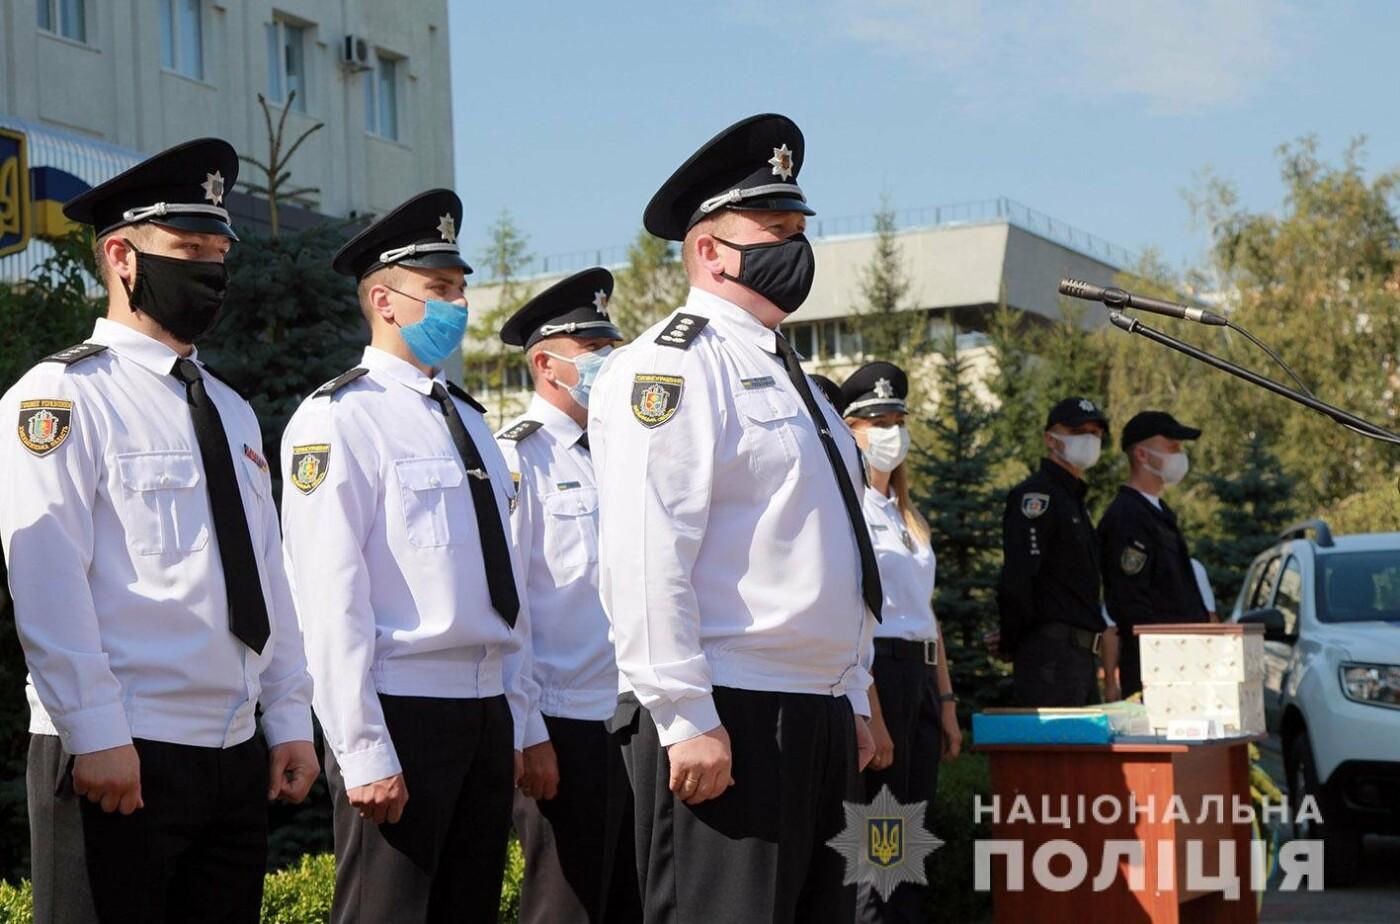 Поліцейські Кам'янець-Подільського району отримали новий службовий автомобіль, фото-3